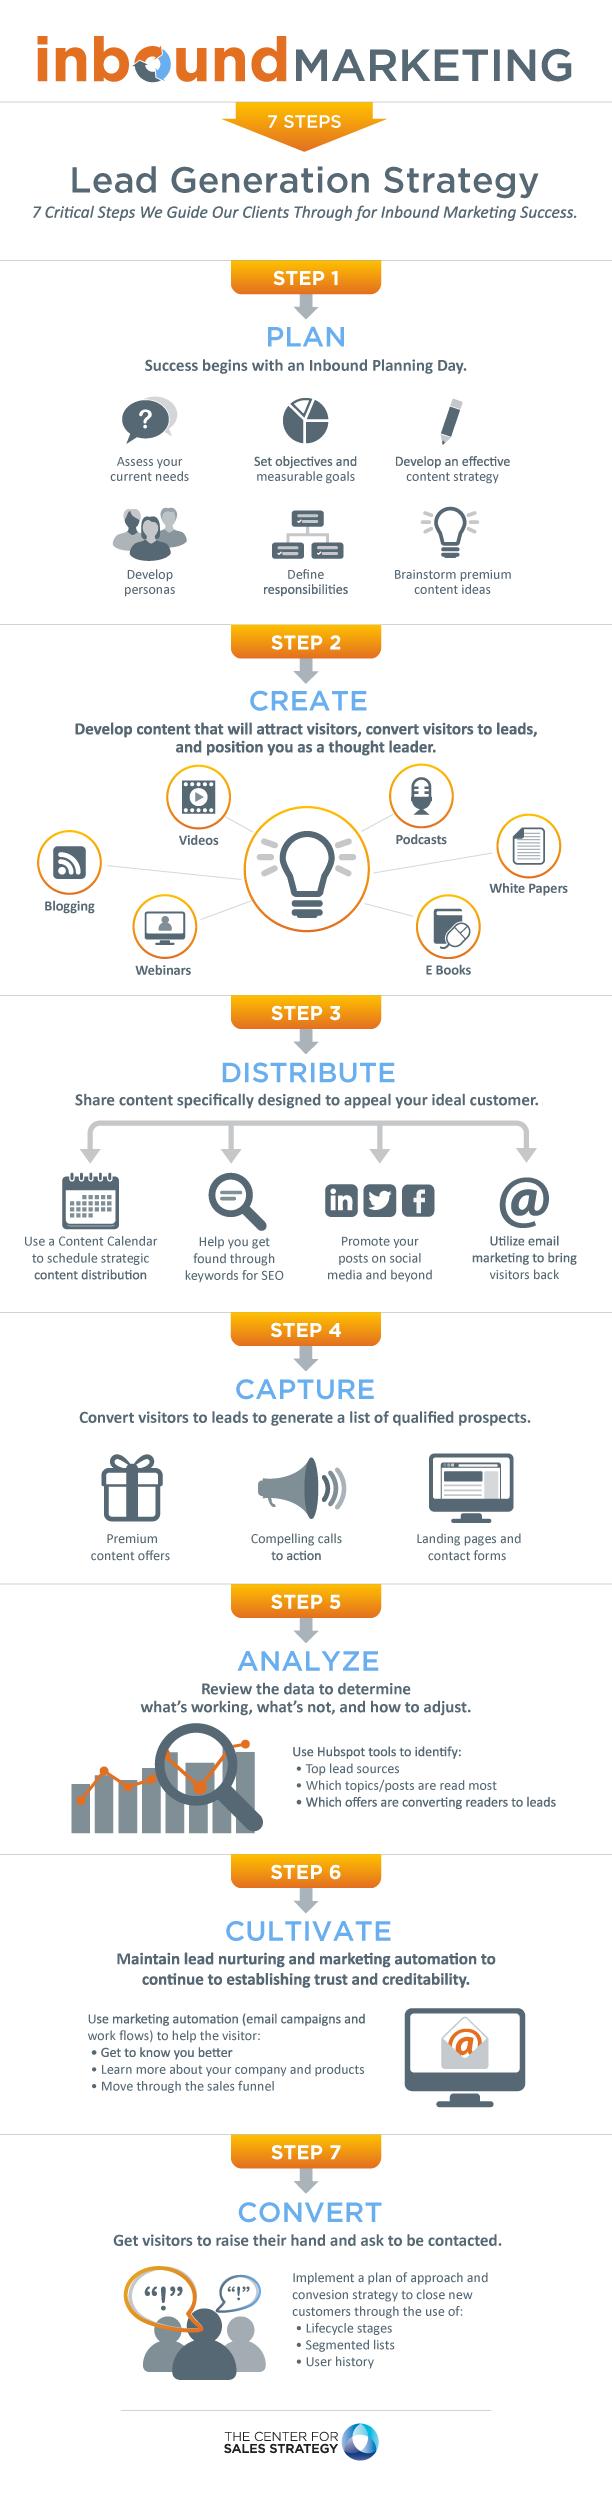 Inbound Marketing Infographic 01